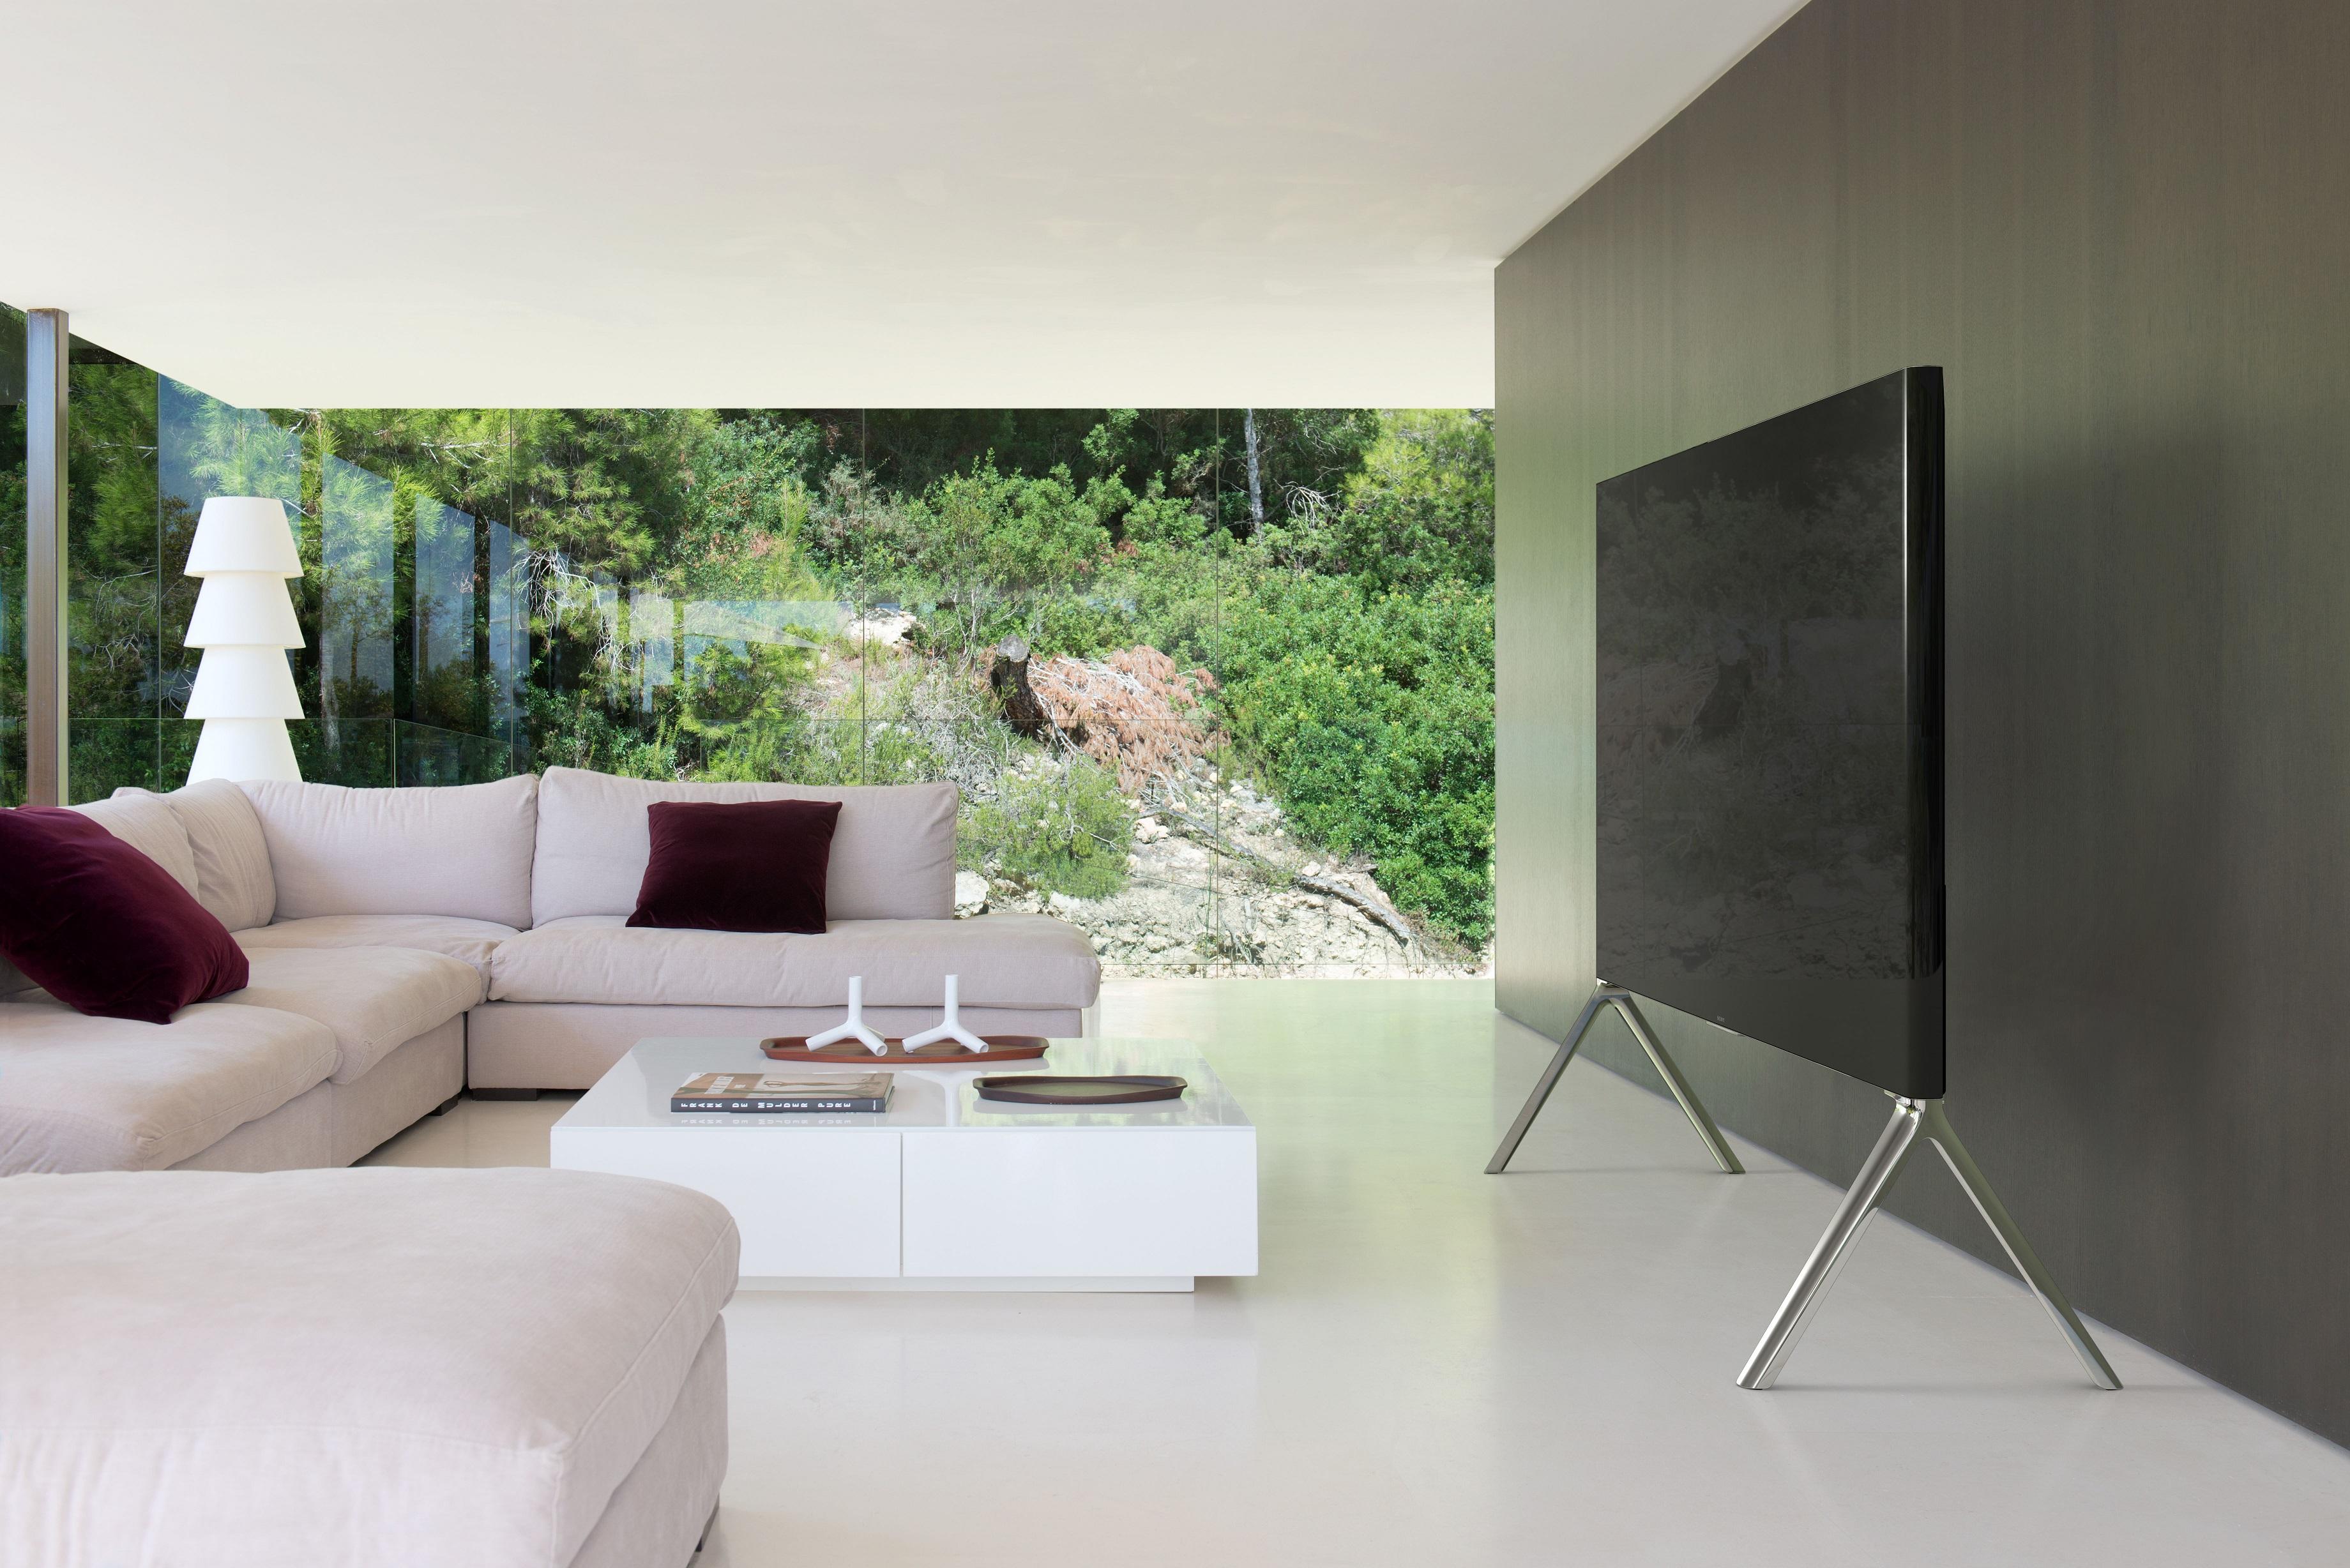 sony pr sentiert ihr neues 4k fernseher line up inklusive gewinnspiel. Black Bedroom Furniture Sets. Home Design Ideas